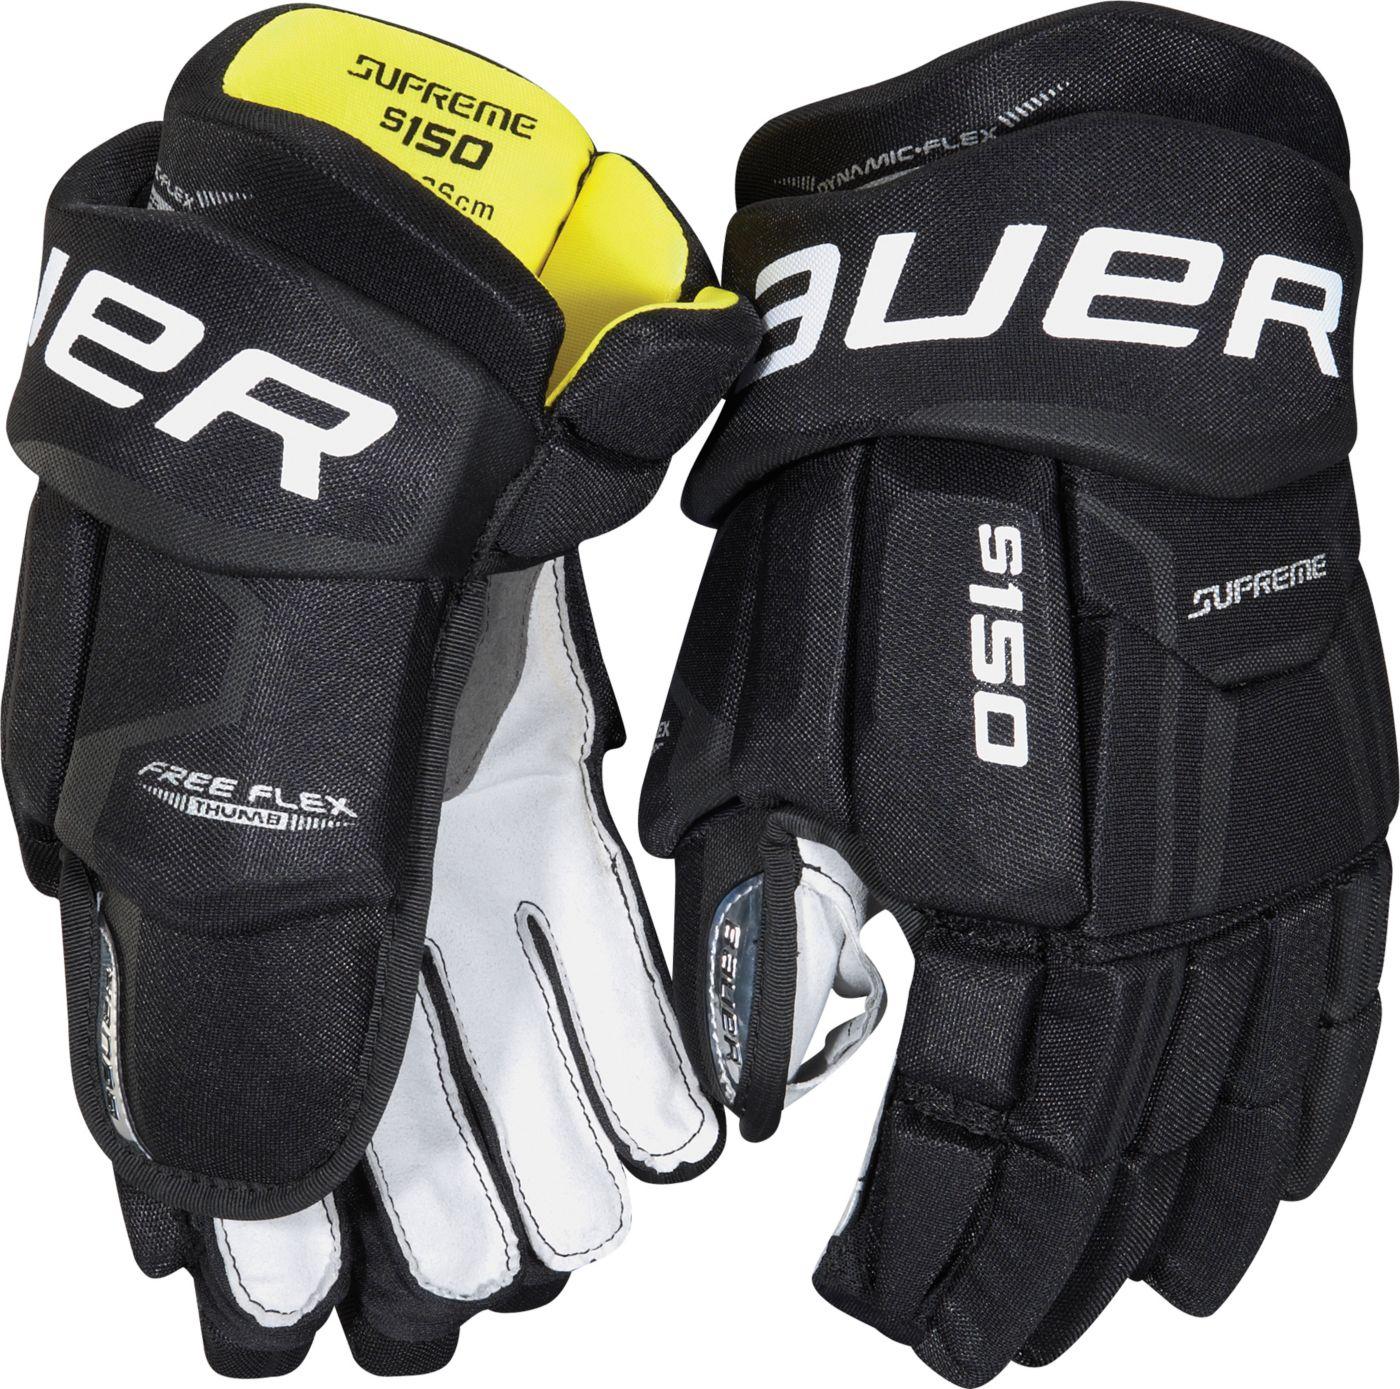 Bauer Senior Supreme S150 Ice Hockey Gloves